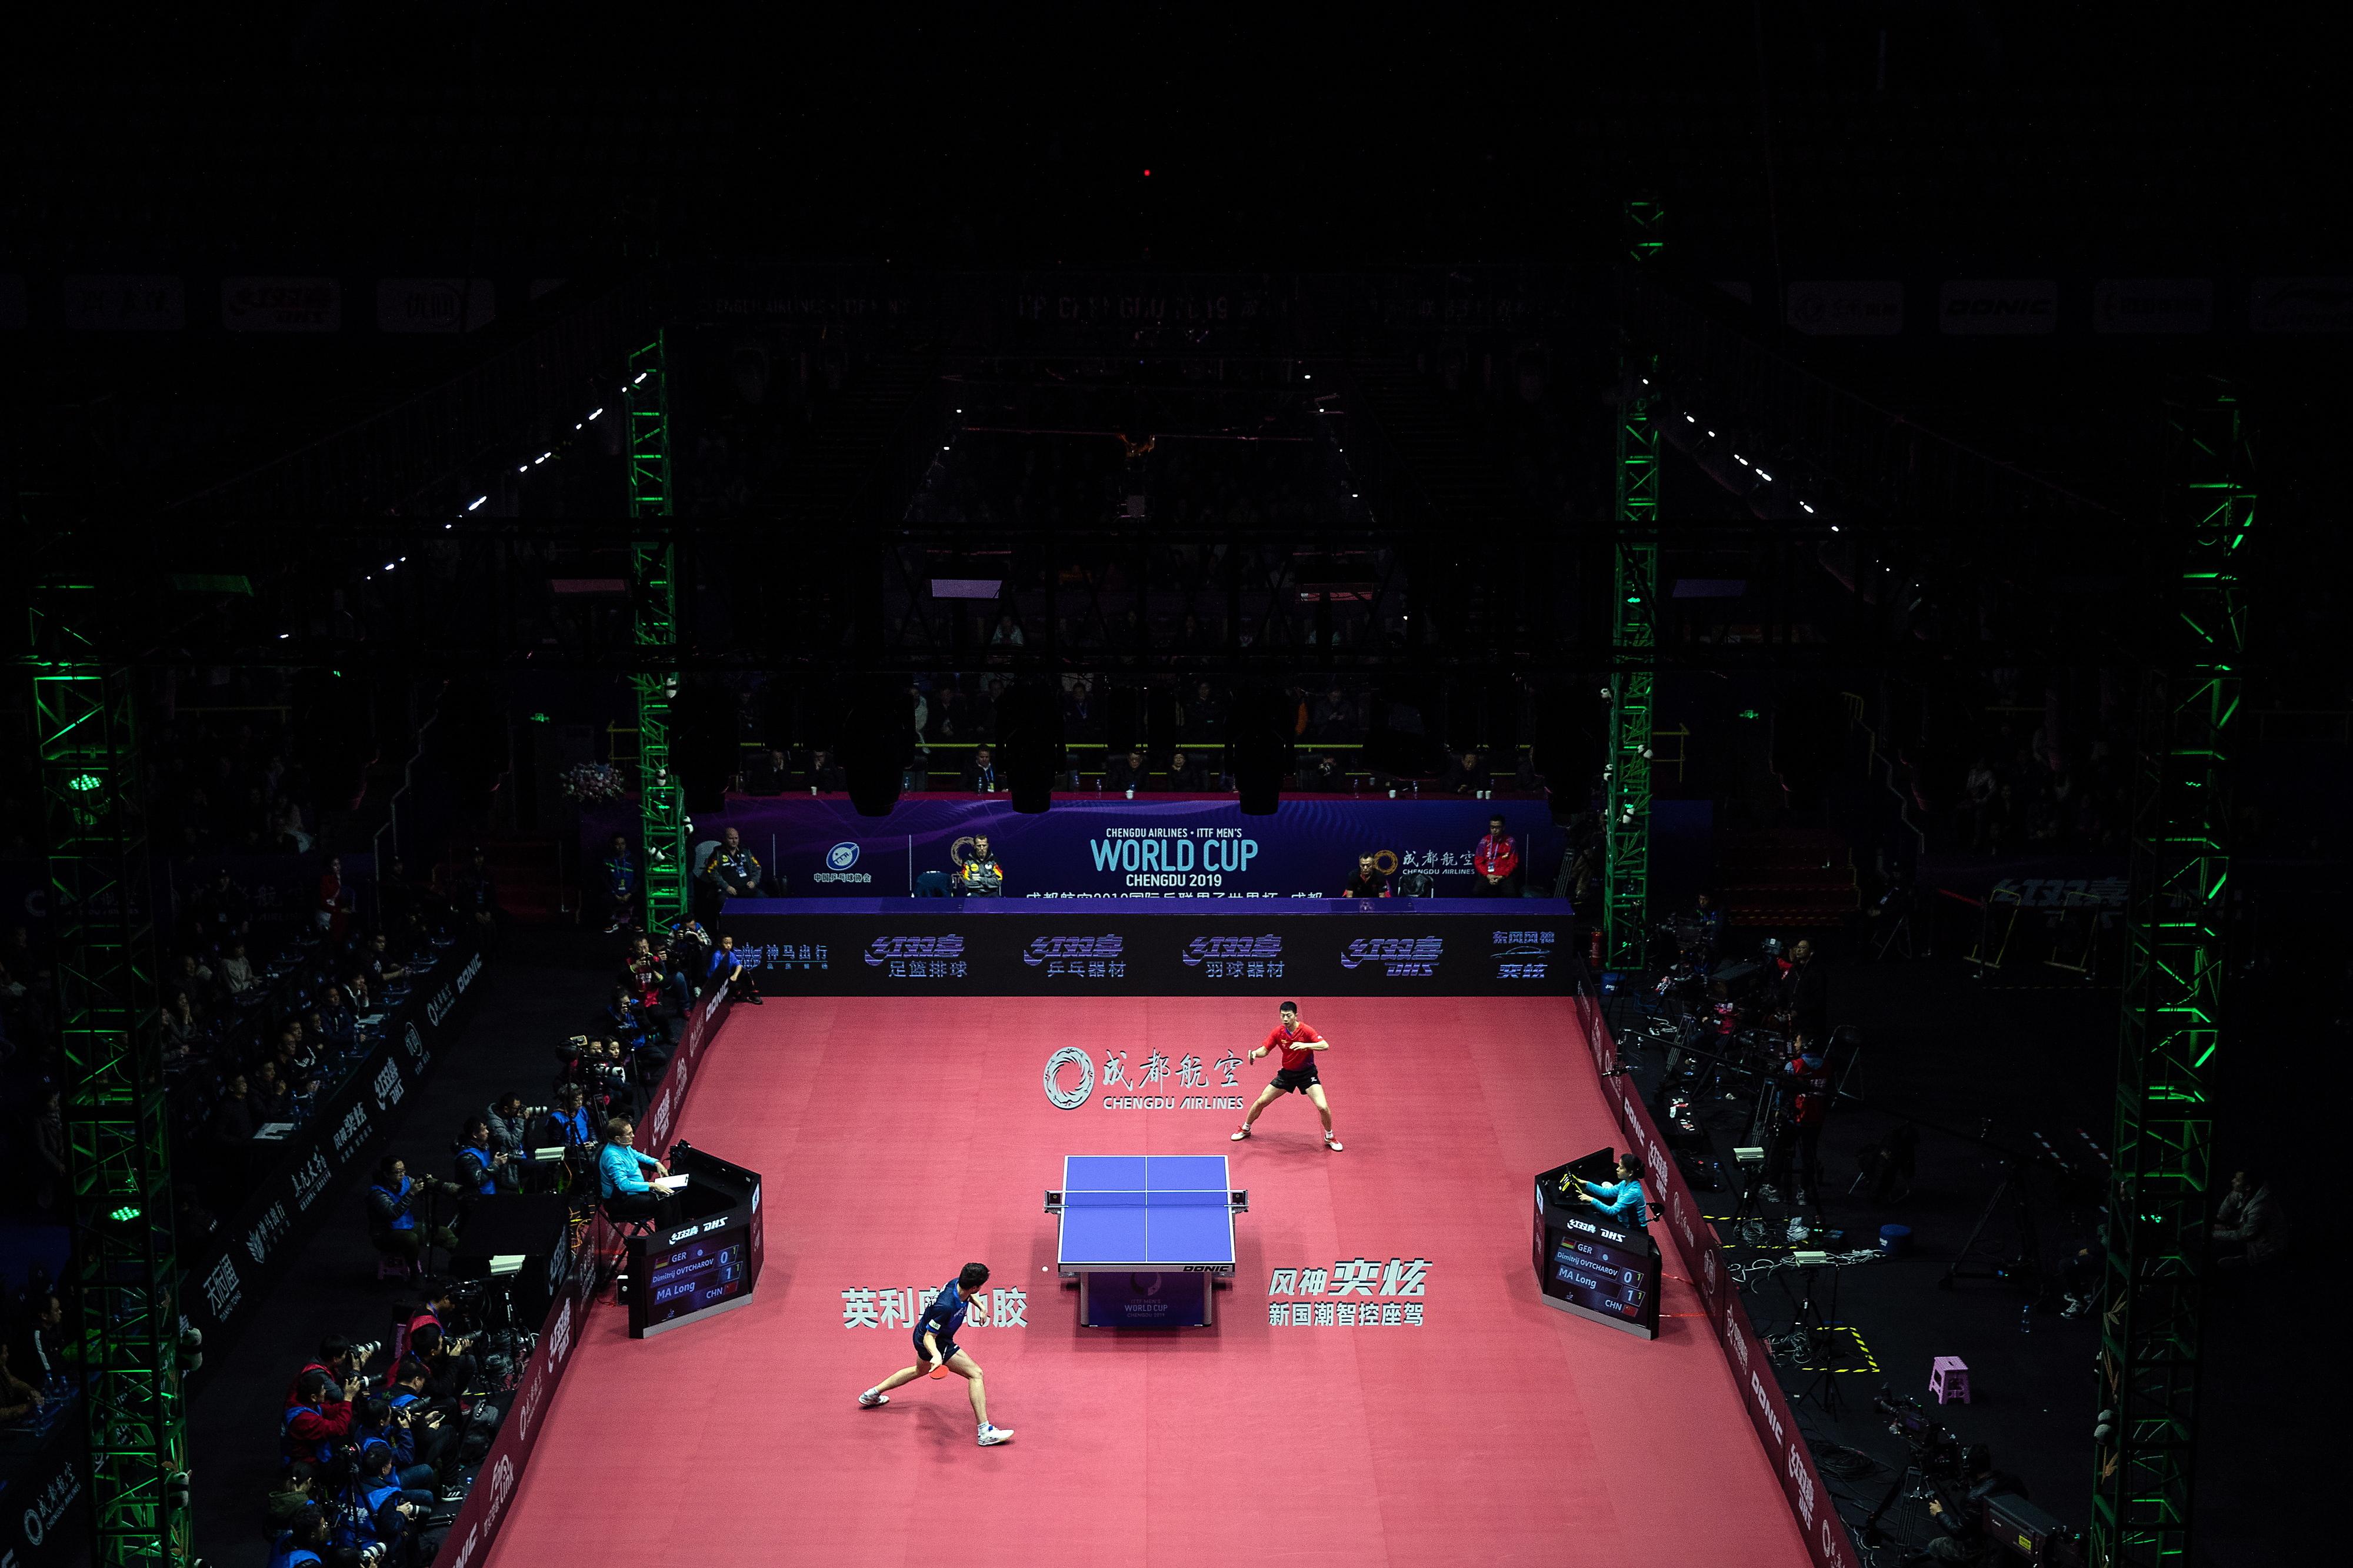 Mundiais de equipas de ténis de mesa de 27 de setembro a 04 de outubro